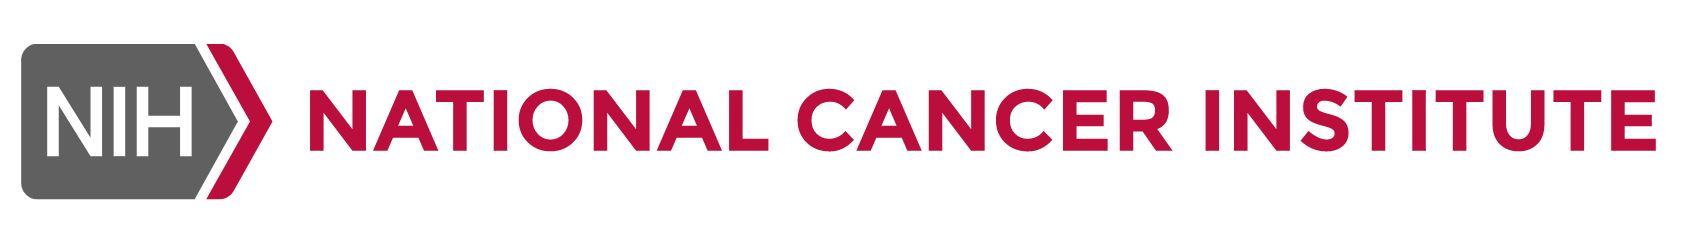 NCI_Logo_2018-03-15.JPG